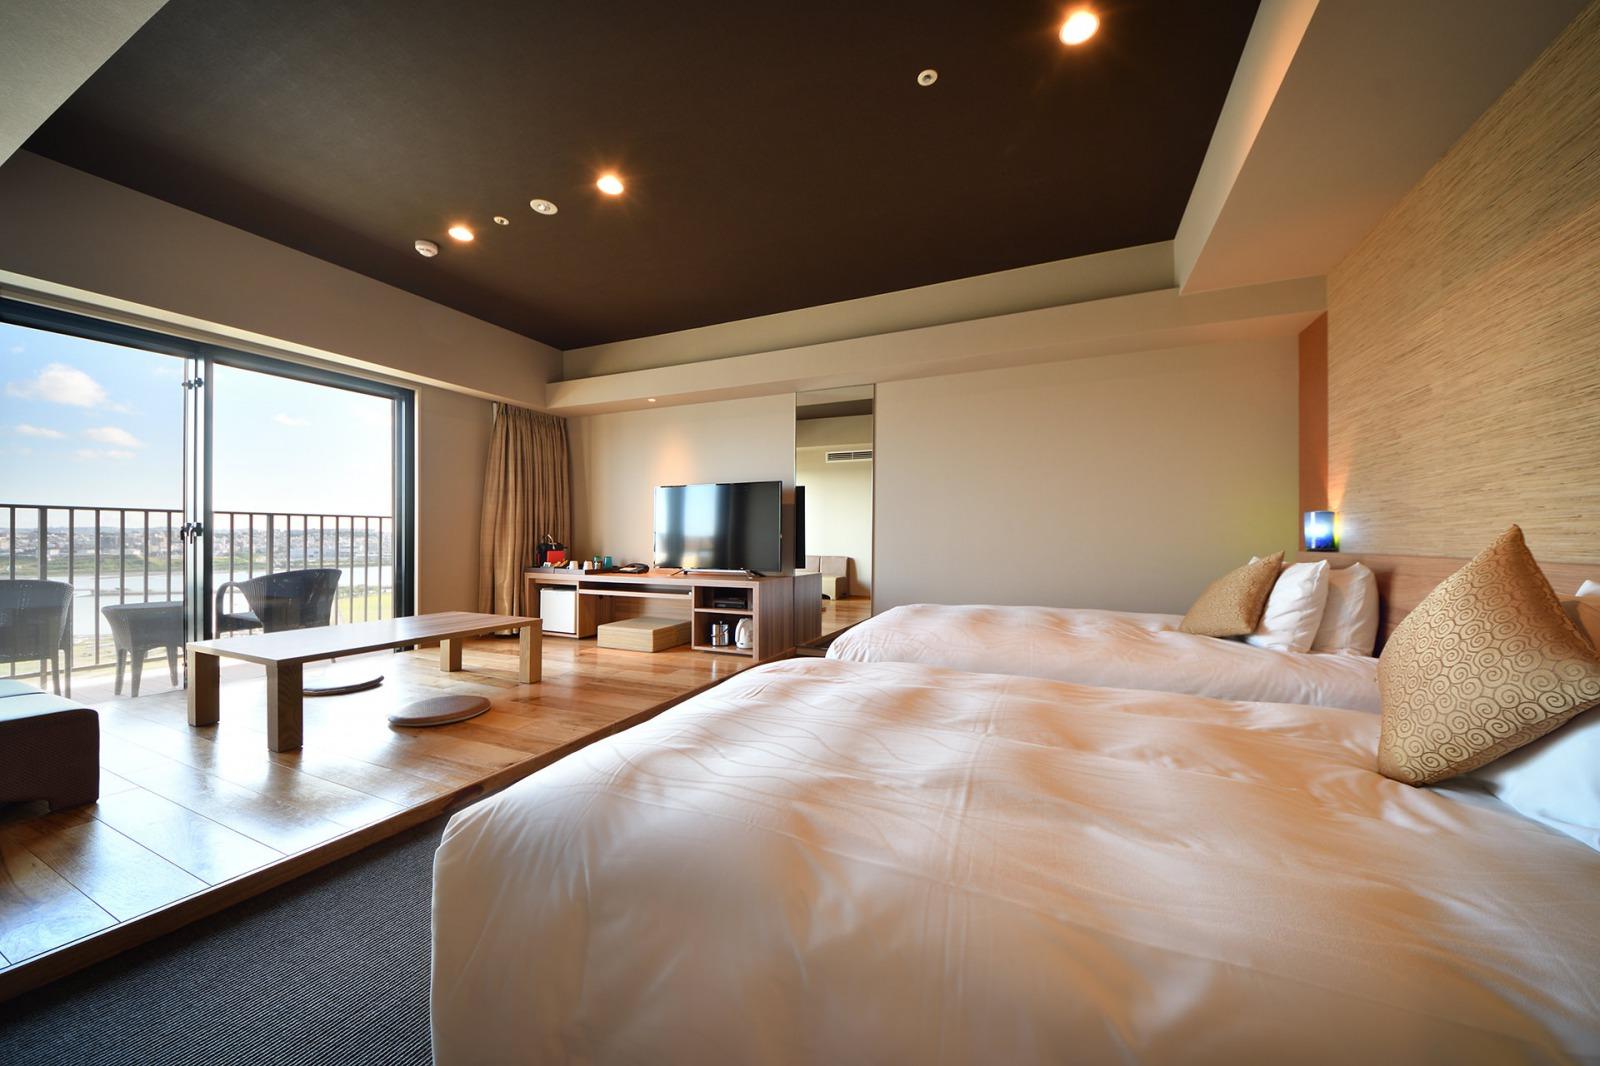 客室 沖縄 瀬 長島 ホテル 琉球温泉 旅行 観光 豊見城市 おすすめ 宿泊